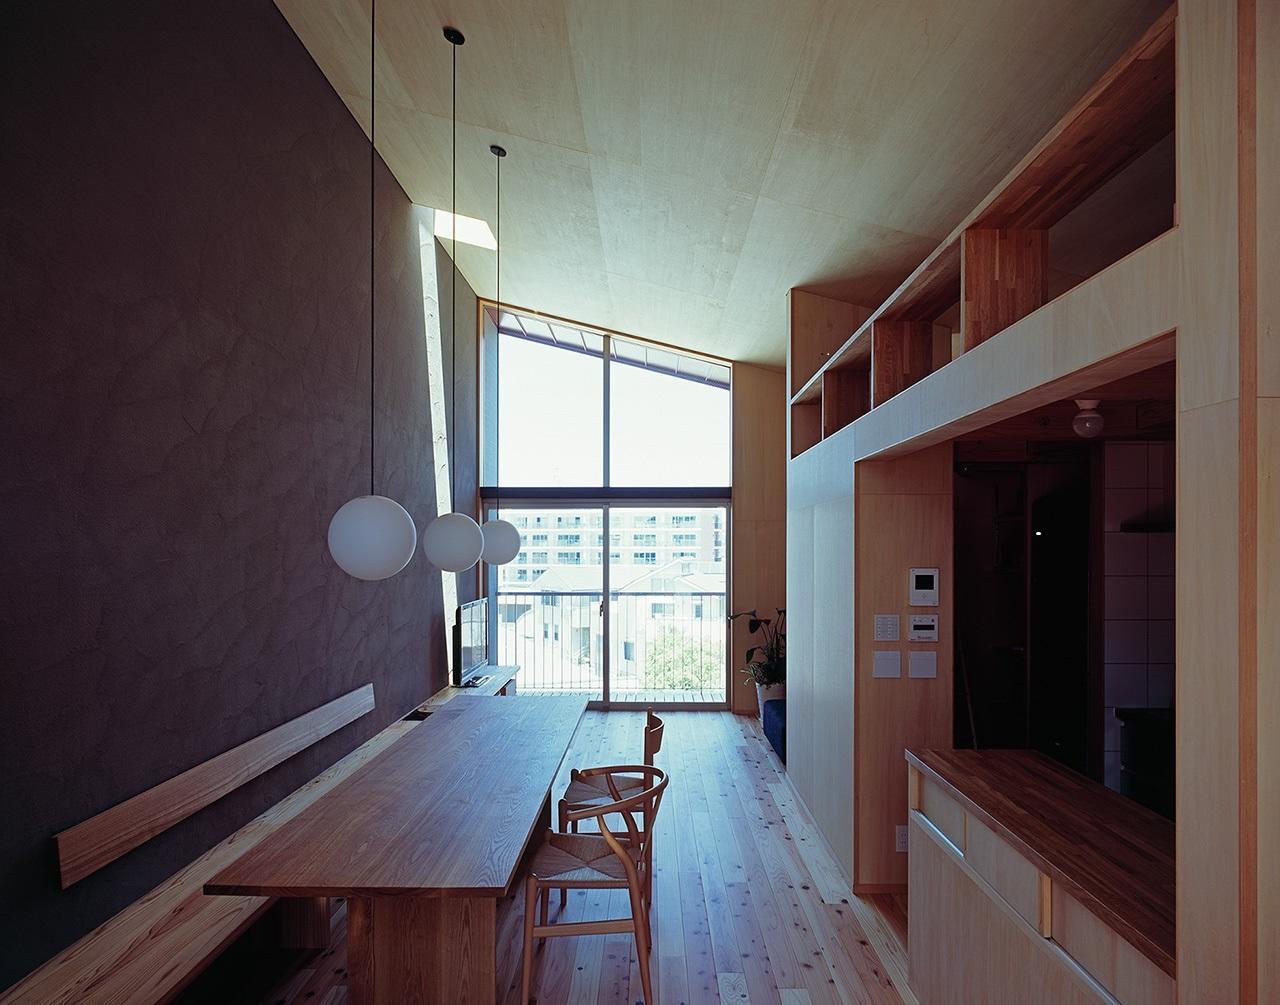 グッドデザイン賞を受賞した住宅の一部